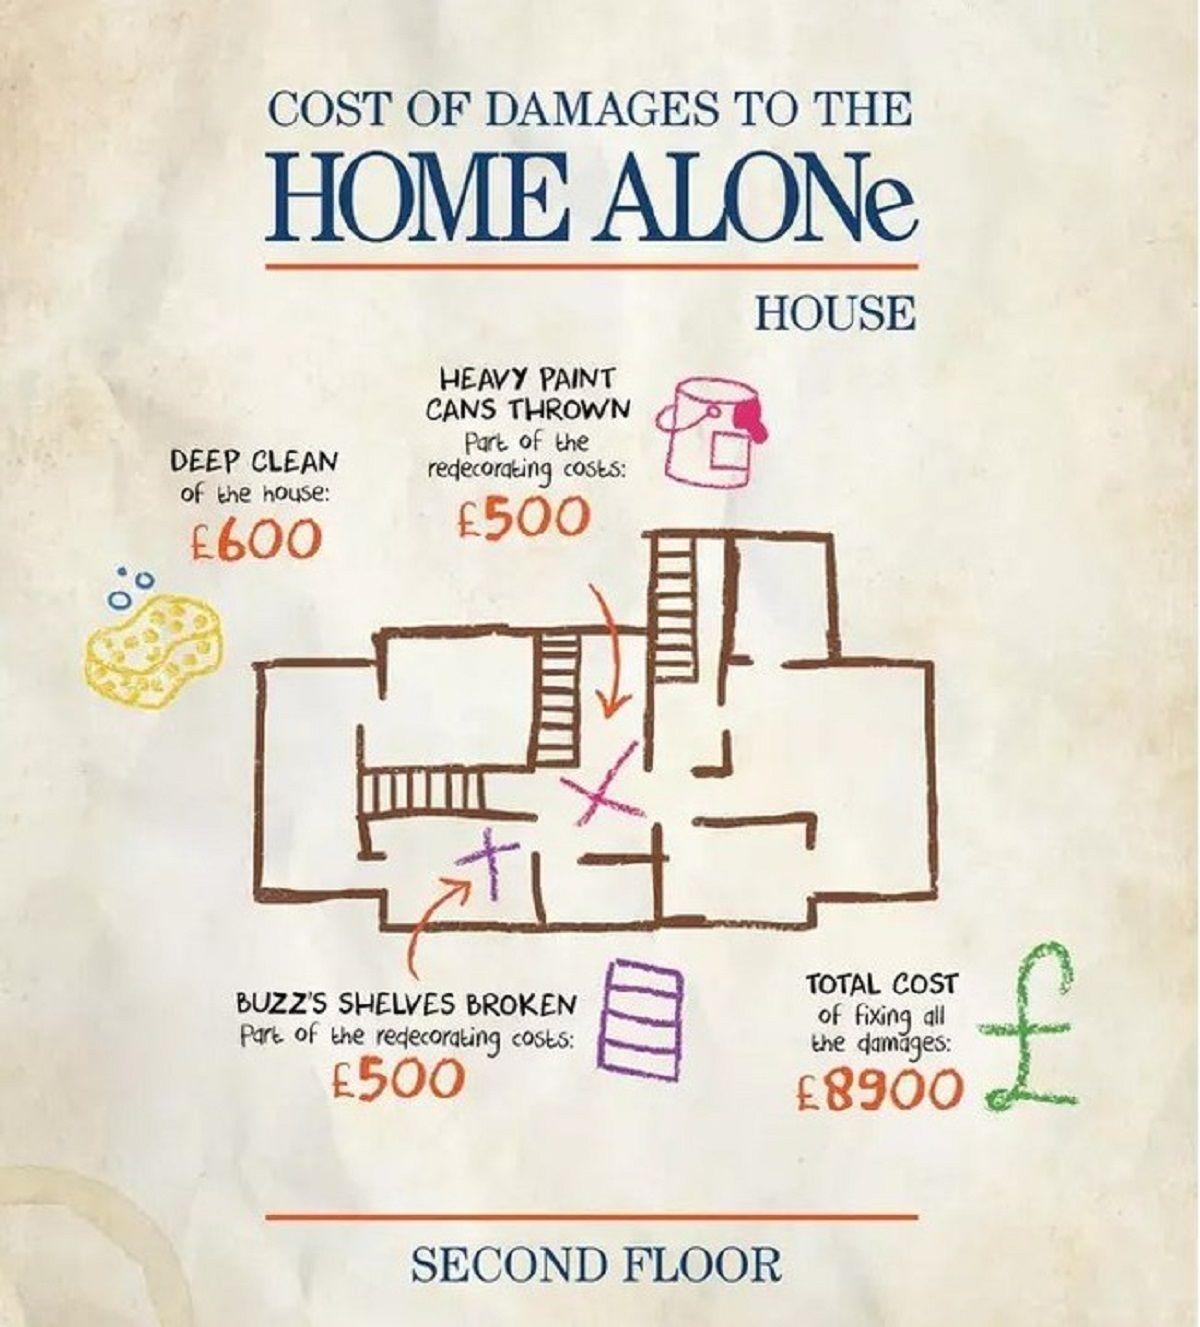 Σκίτσο με τις ζημιές της ταινίας Home alone για τον δεύτερο όροφο